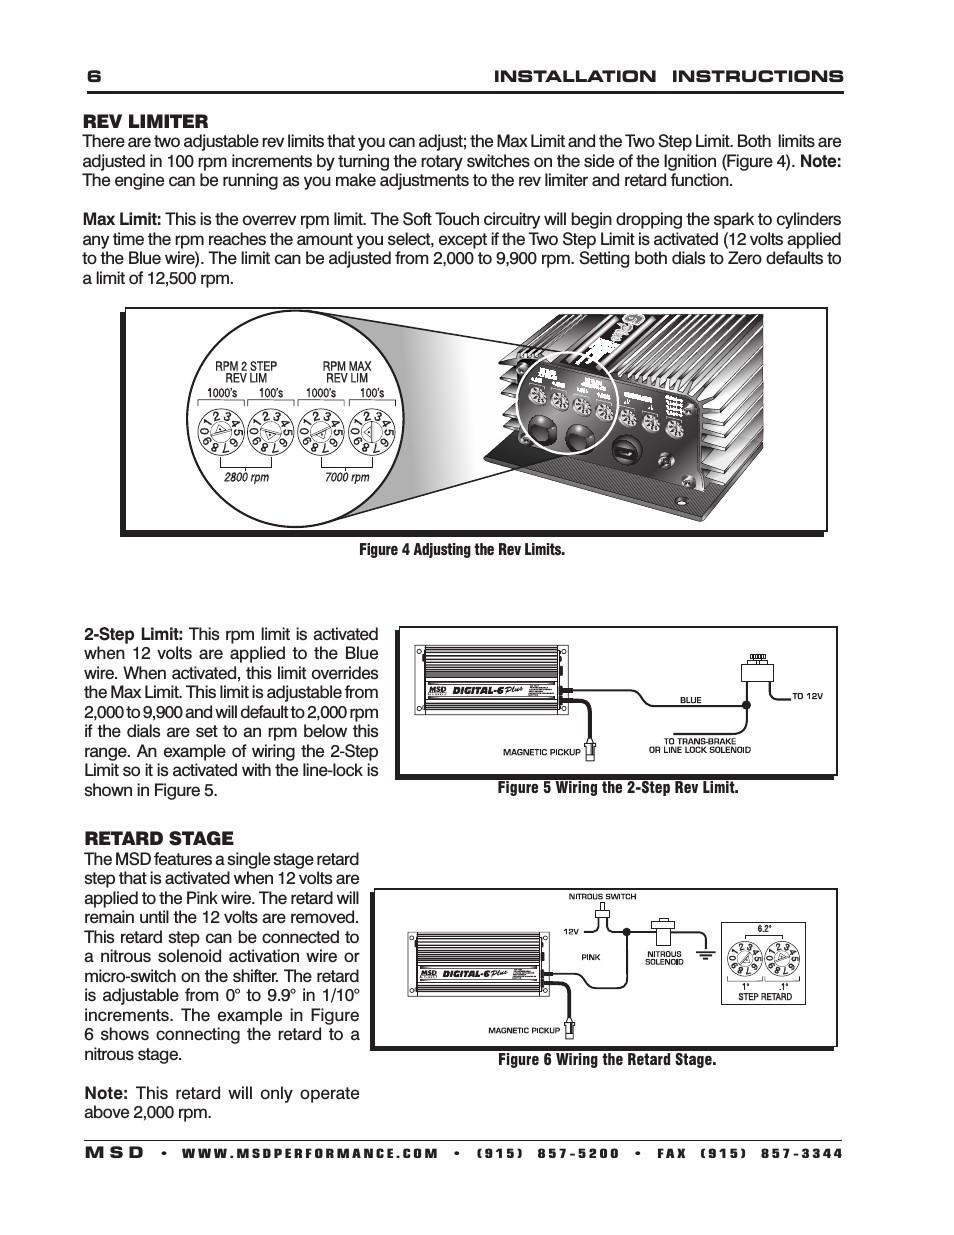 Msd Wiring Diagram Digital 6 Plus Best Wiring Diagram Image 2018 Colorful Msd Digital 6